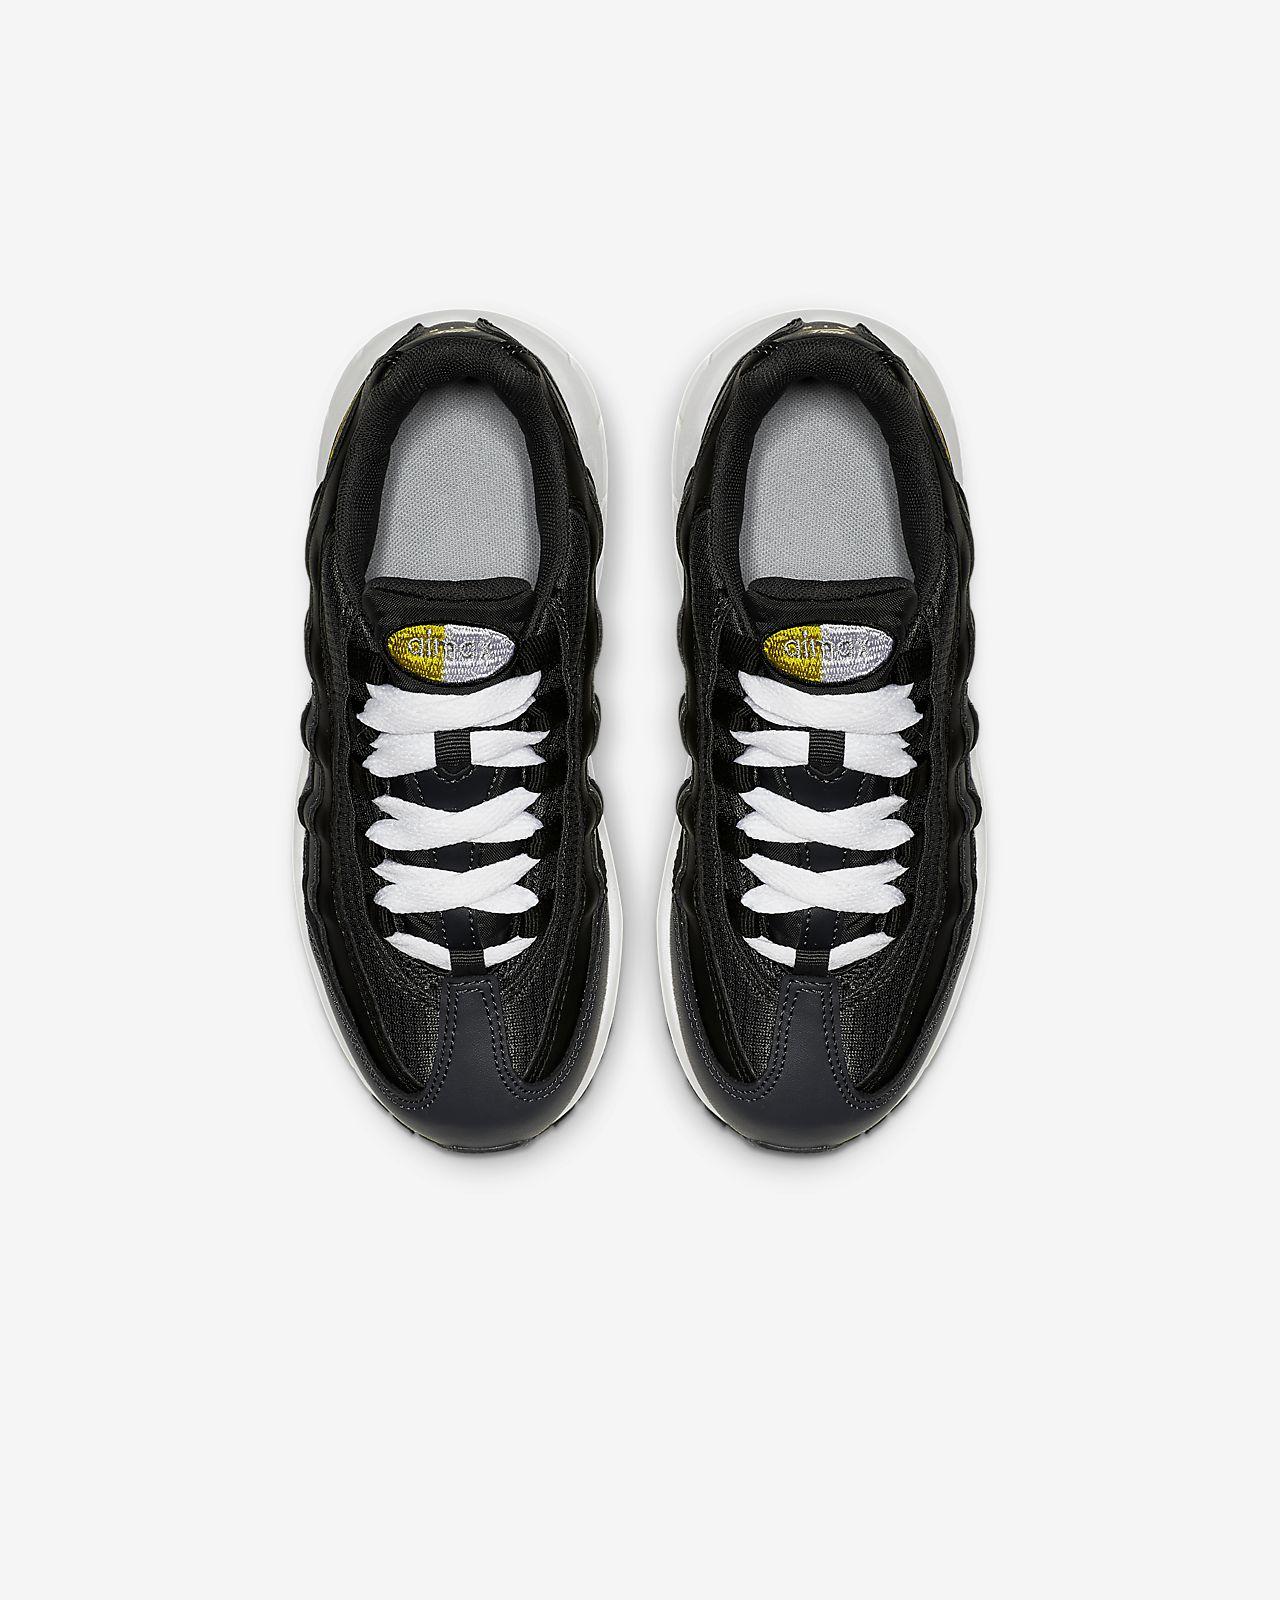 best cheap 15172 f95e1 ... Nike Air Max 95 Little Kids  Shoe